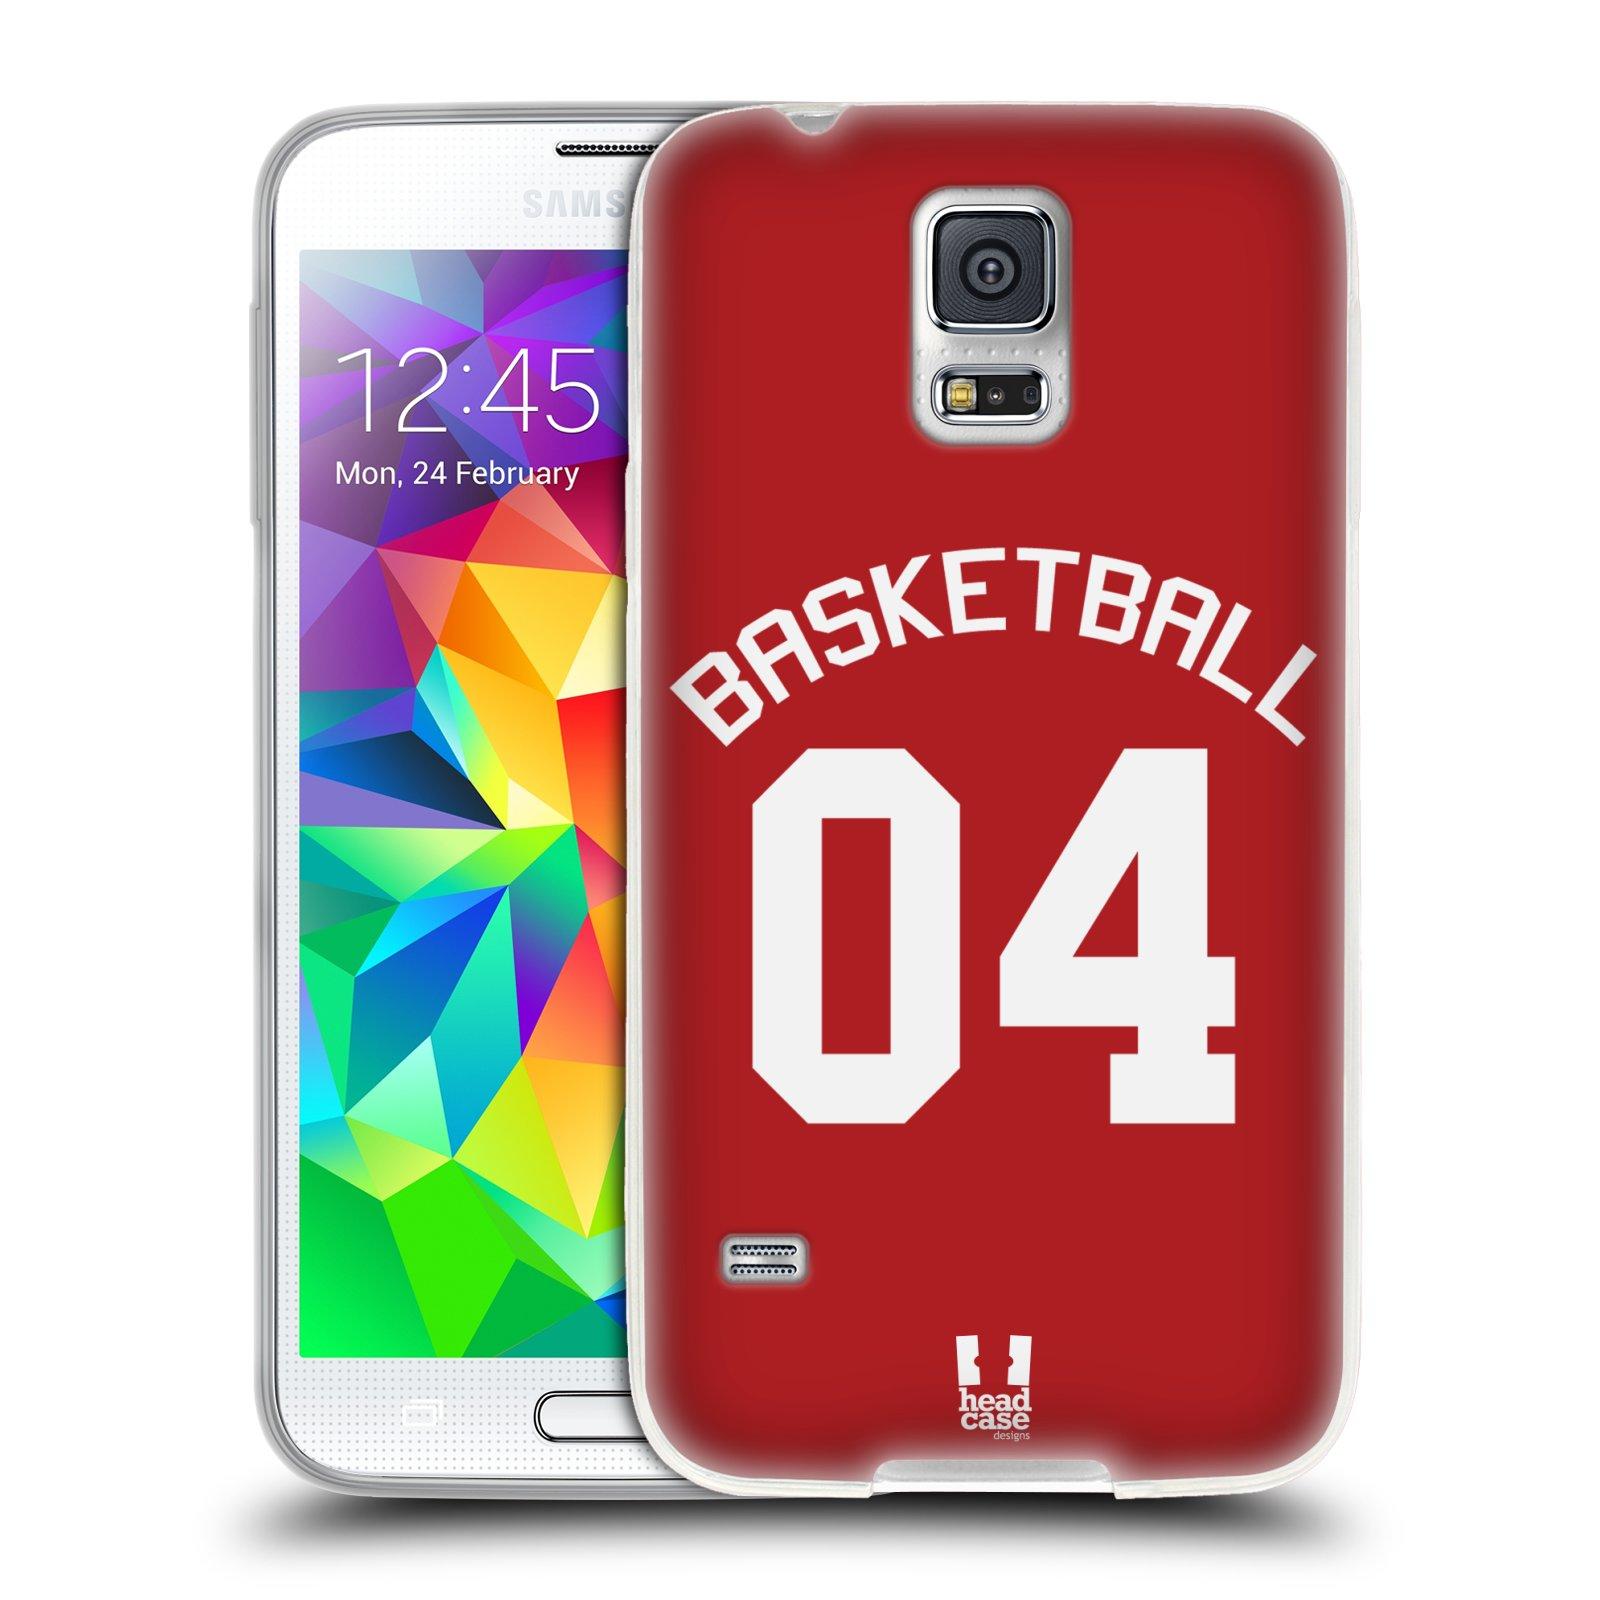 HEAD CASE silikonový obal na mobil Samsung Galaxy S5 Sportovní dres Basketbal červený